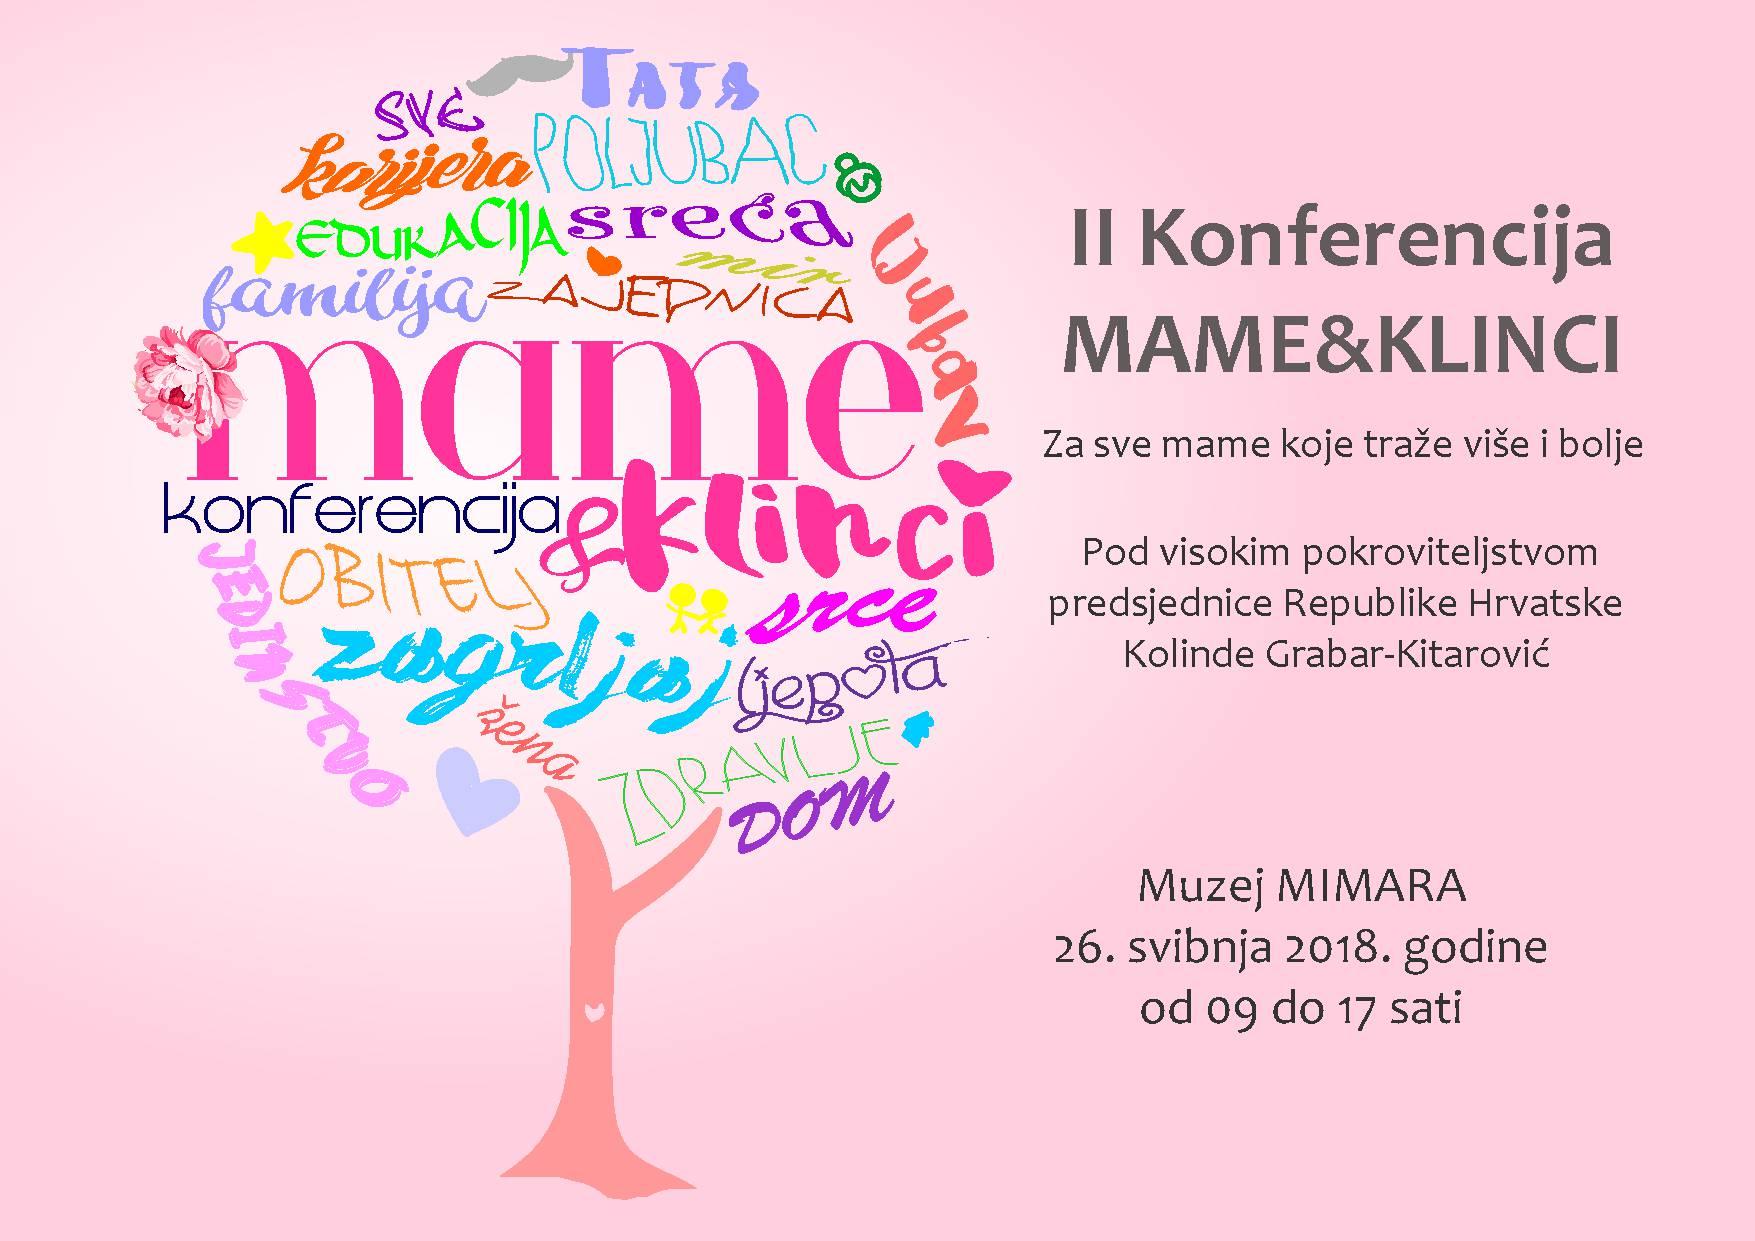 Godišnje druženje mama na konferenciji 'Mame&klinci'